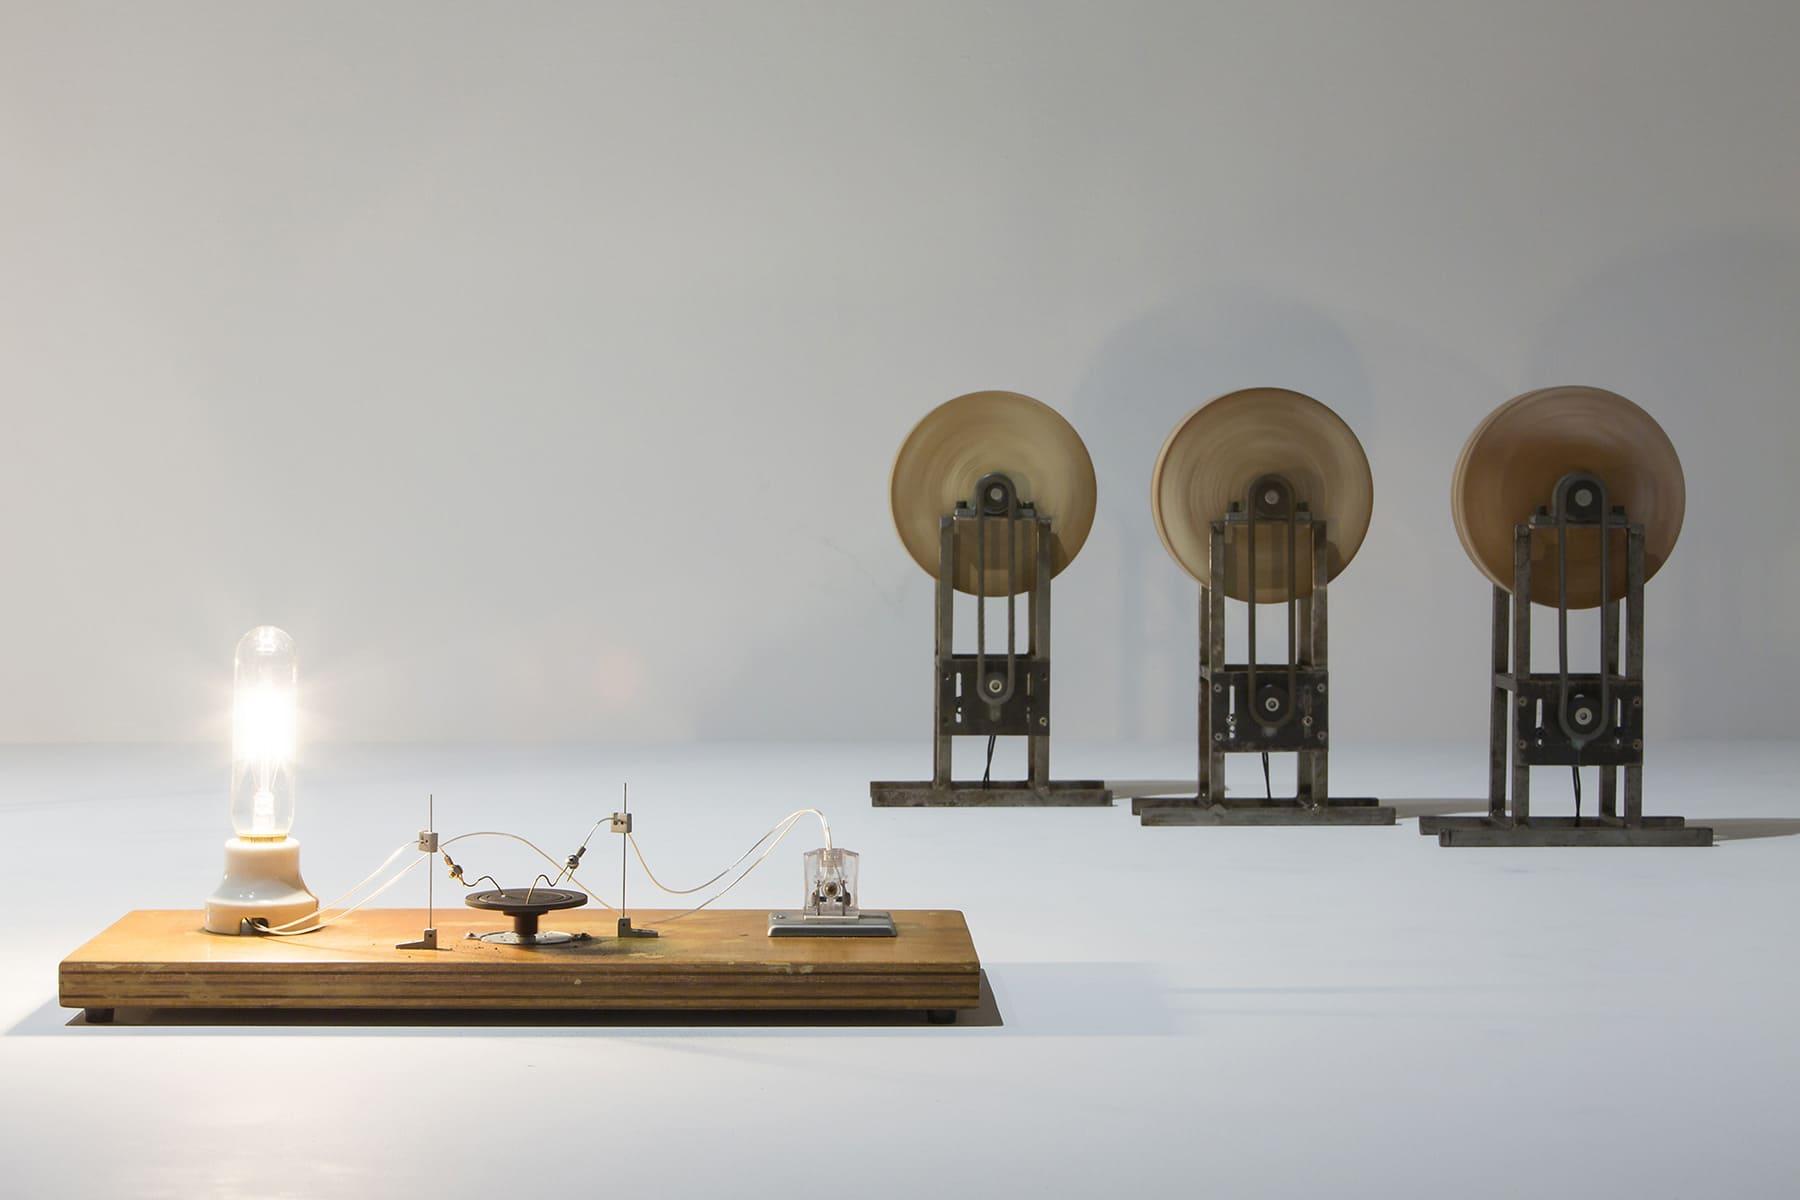 タムラサトル《真夏の遊園地》 栃木県立美術館(栃木)